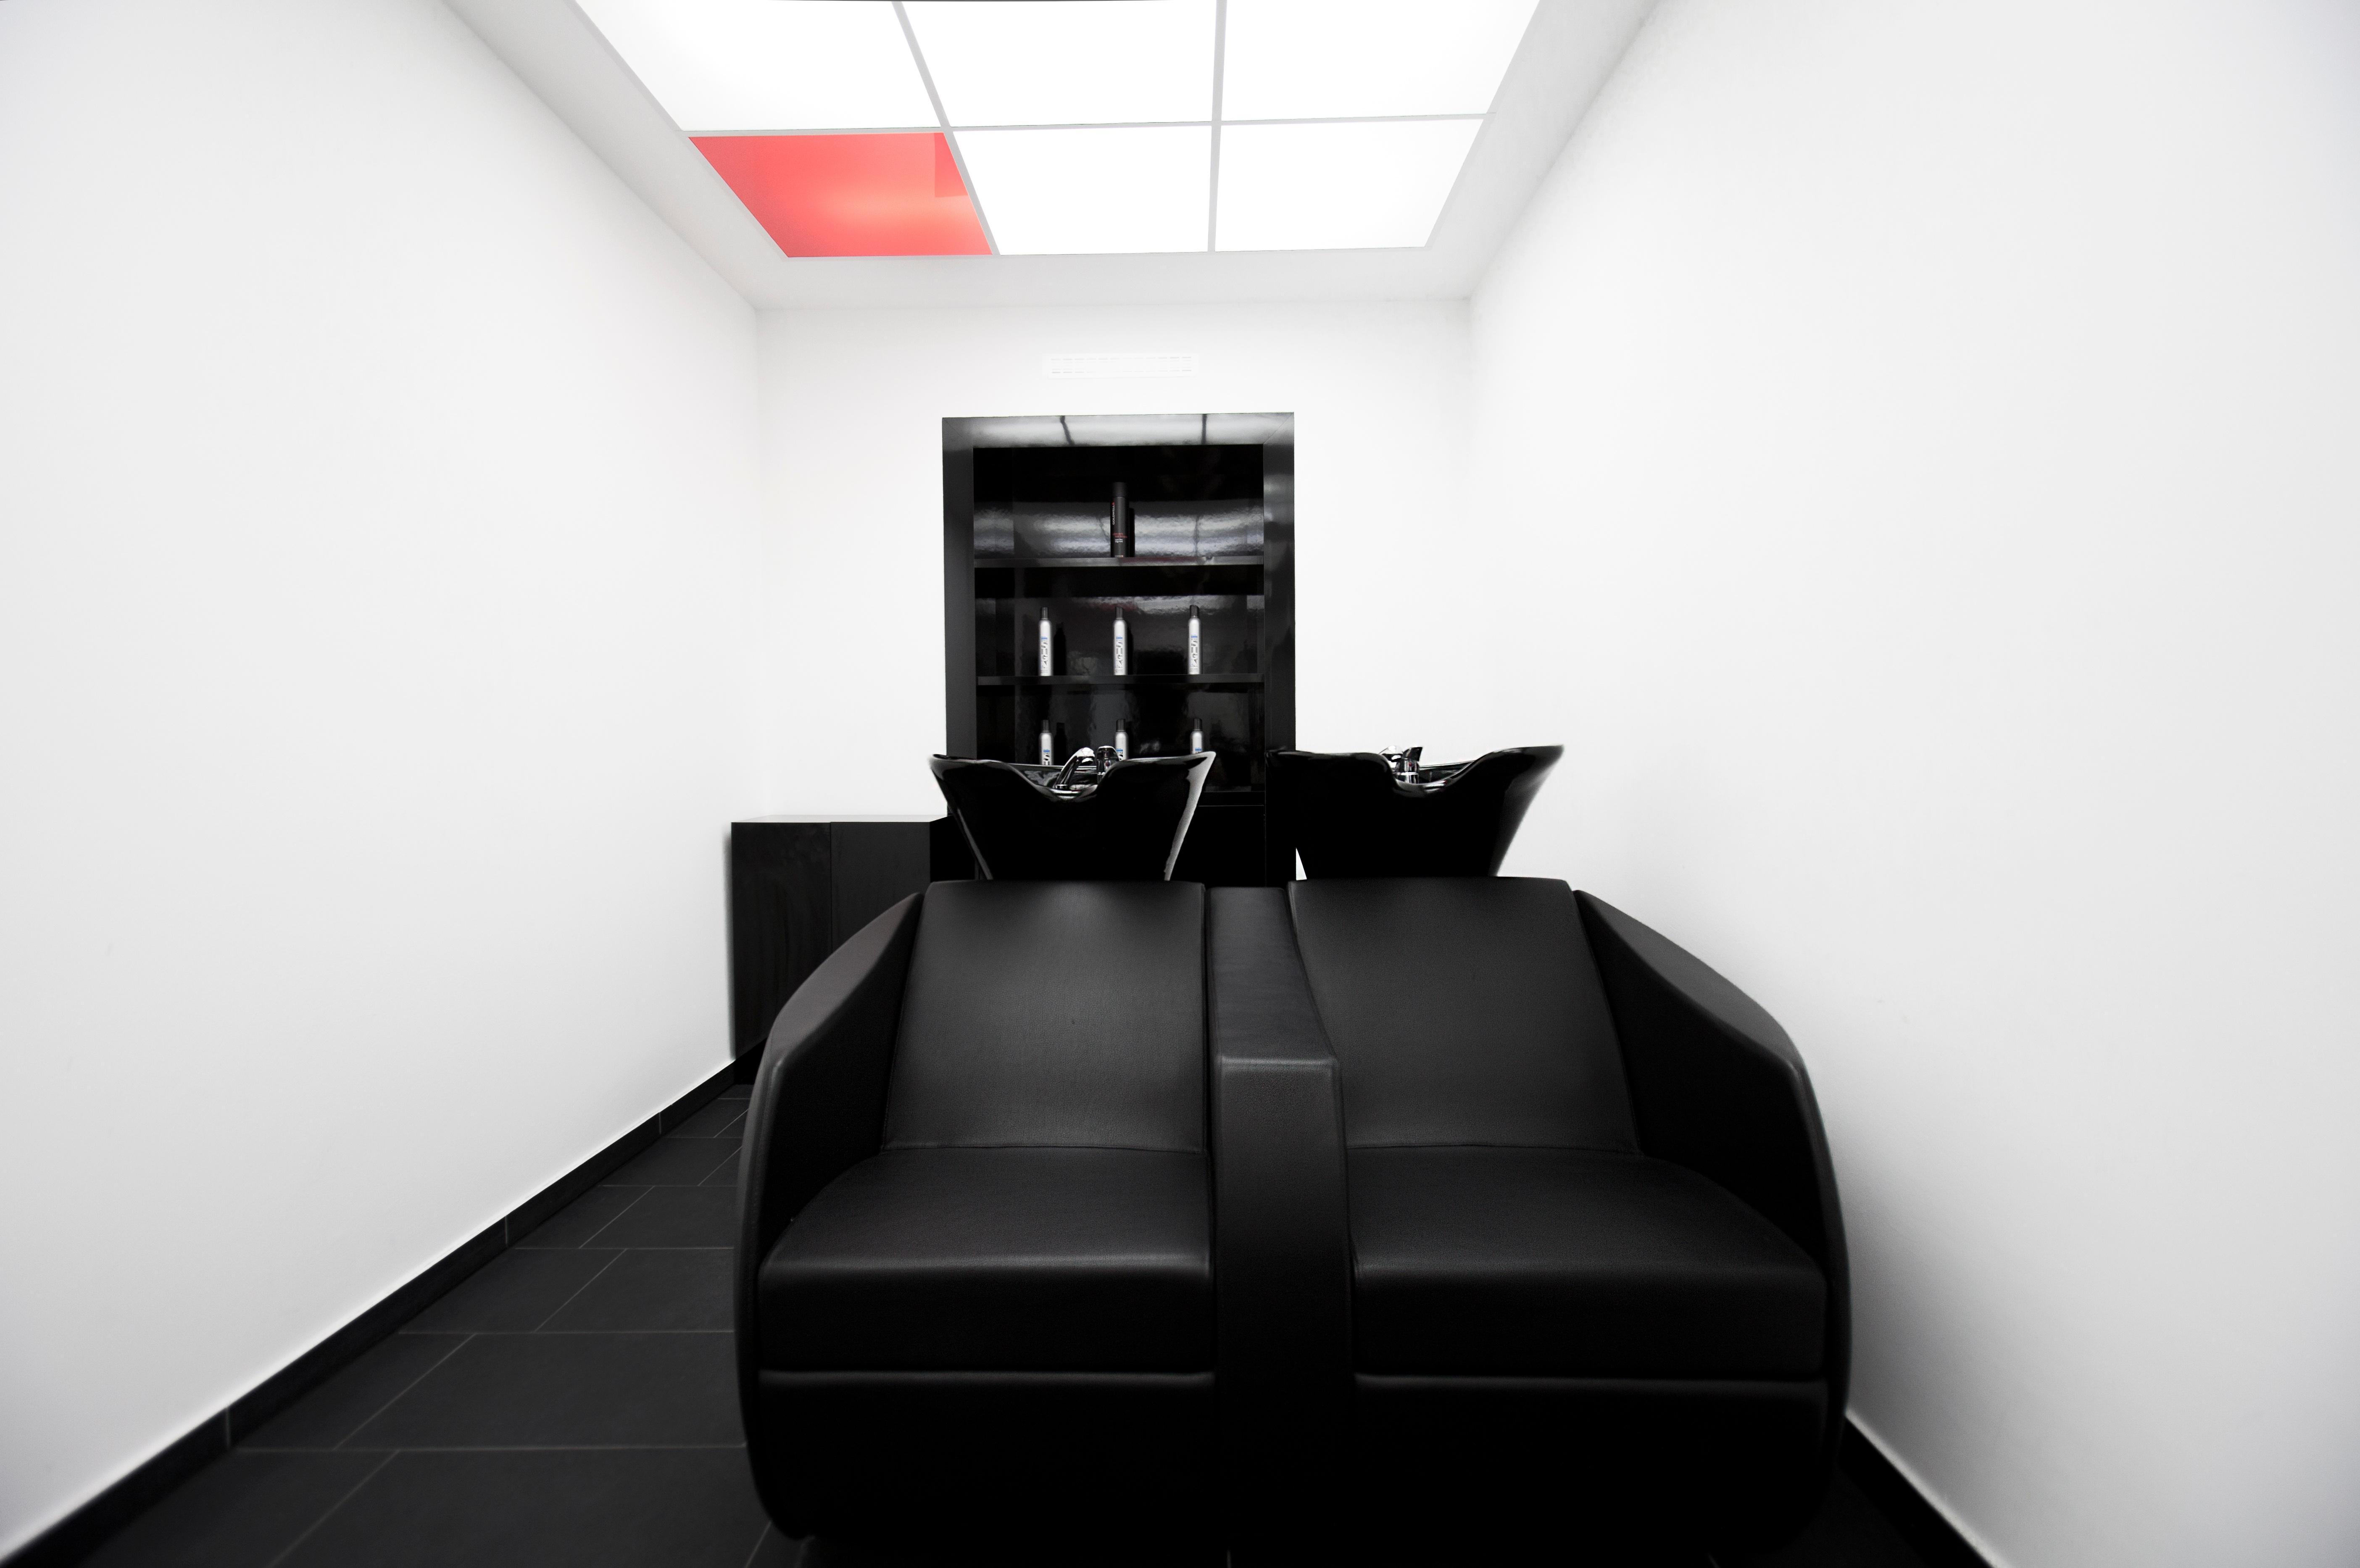 무료 이미지 : 검정색과 흰색, 바닥, 거실, 검은, 가구, 방 ...